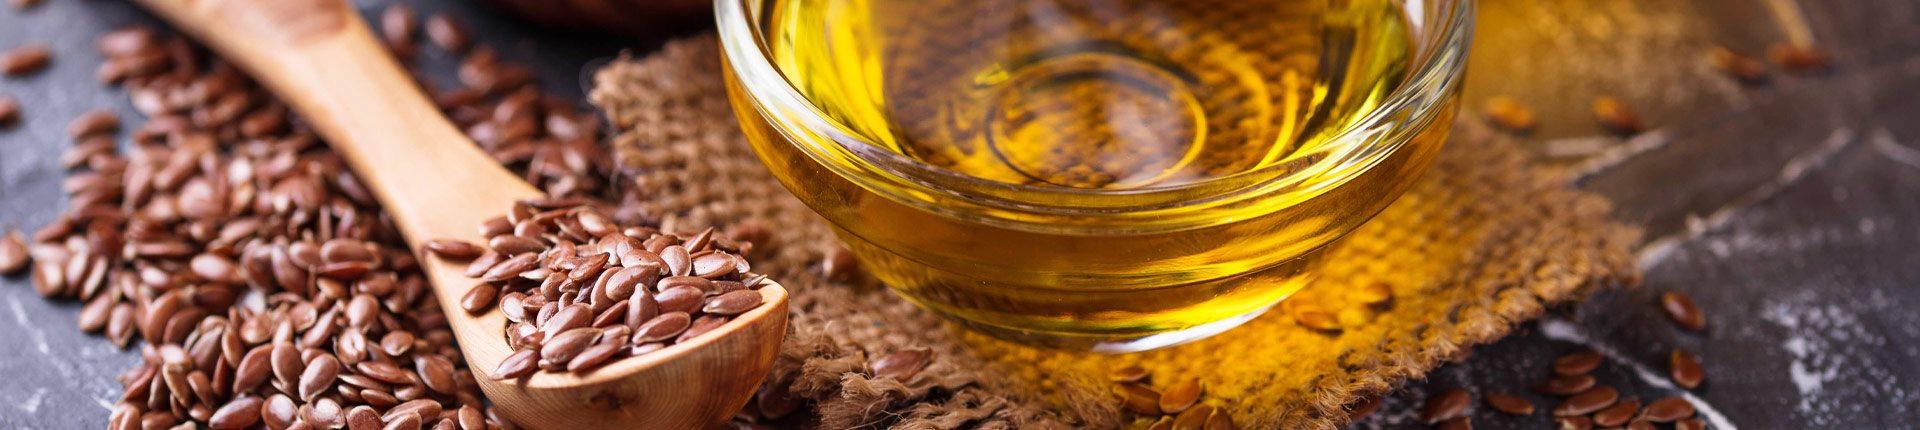 Czy olej lniany może zastąpić olej rybi?